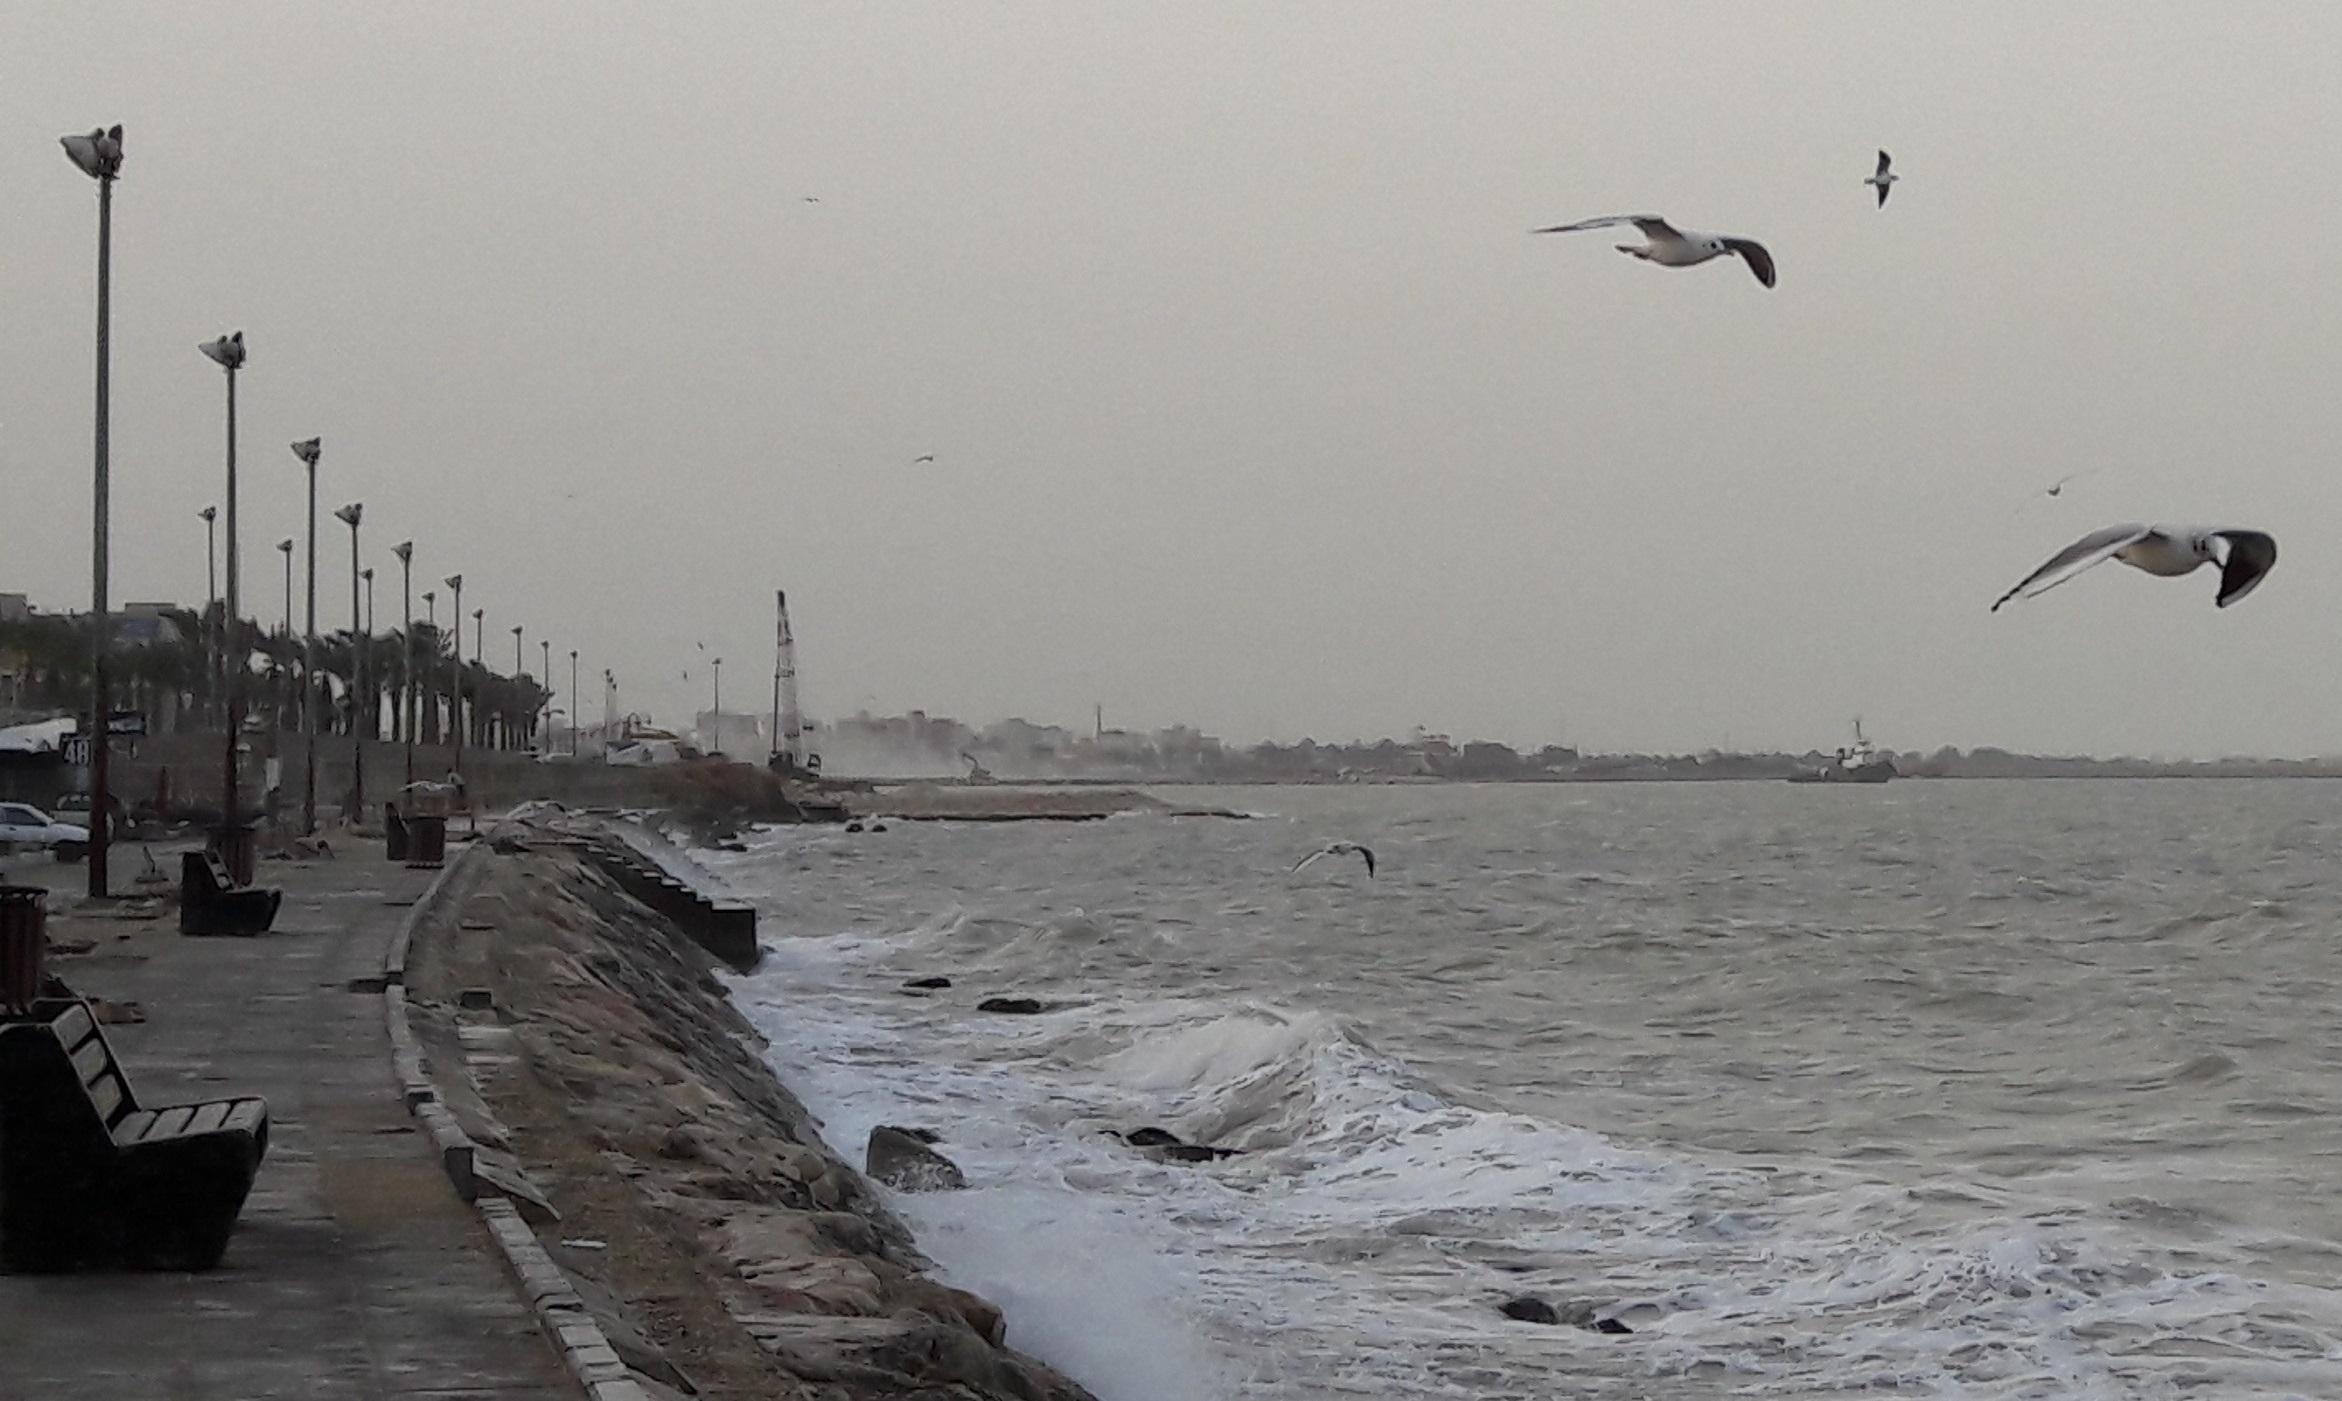 سامانه بارشی امشب میرود/ خلیج فارس تا چهارشنبه مواج است